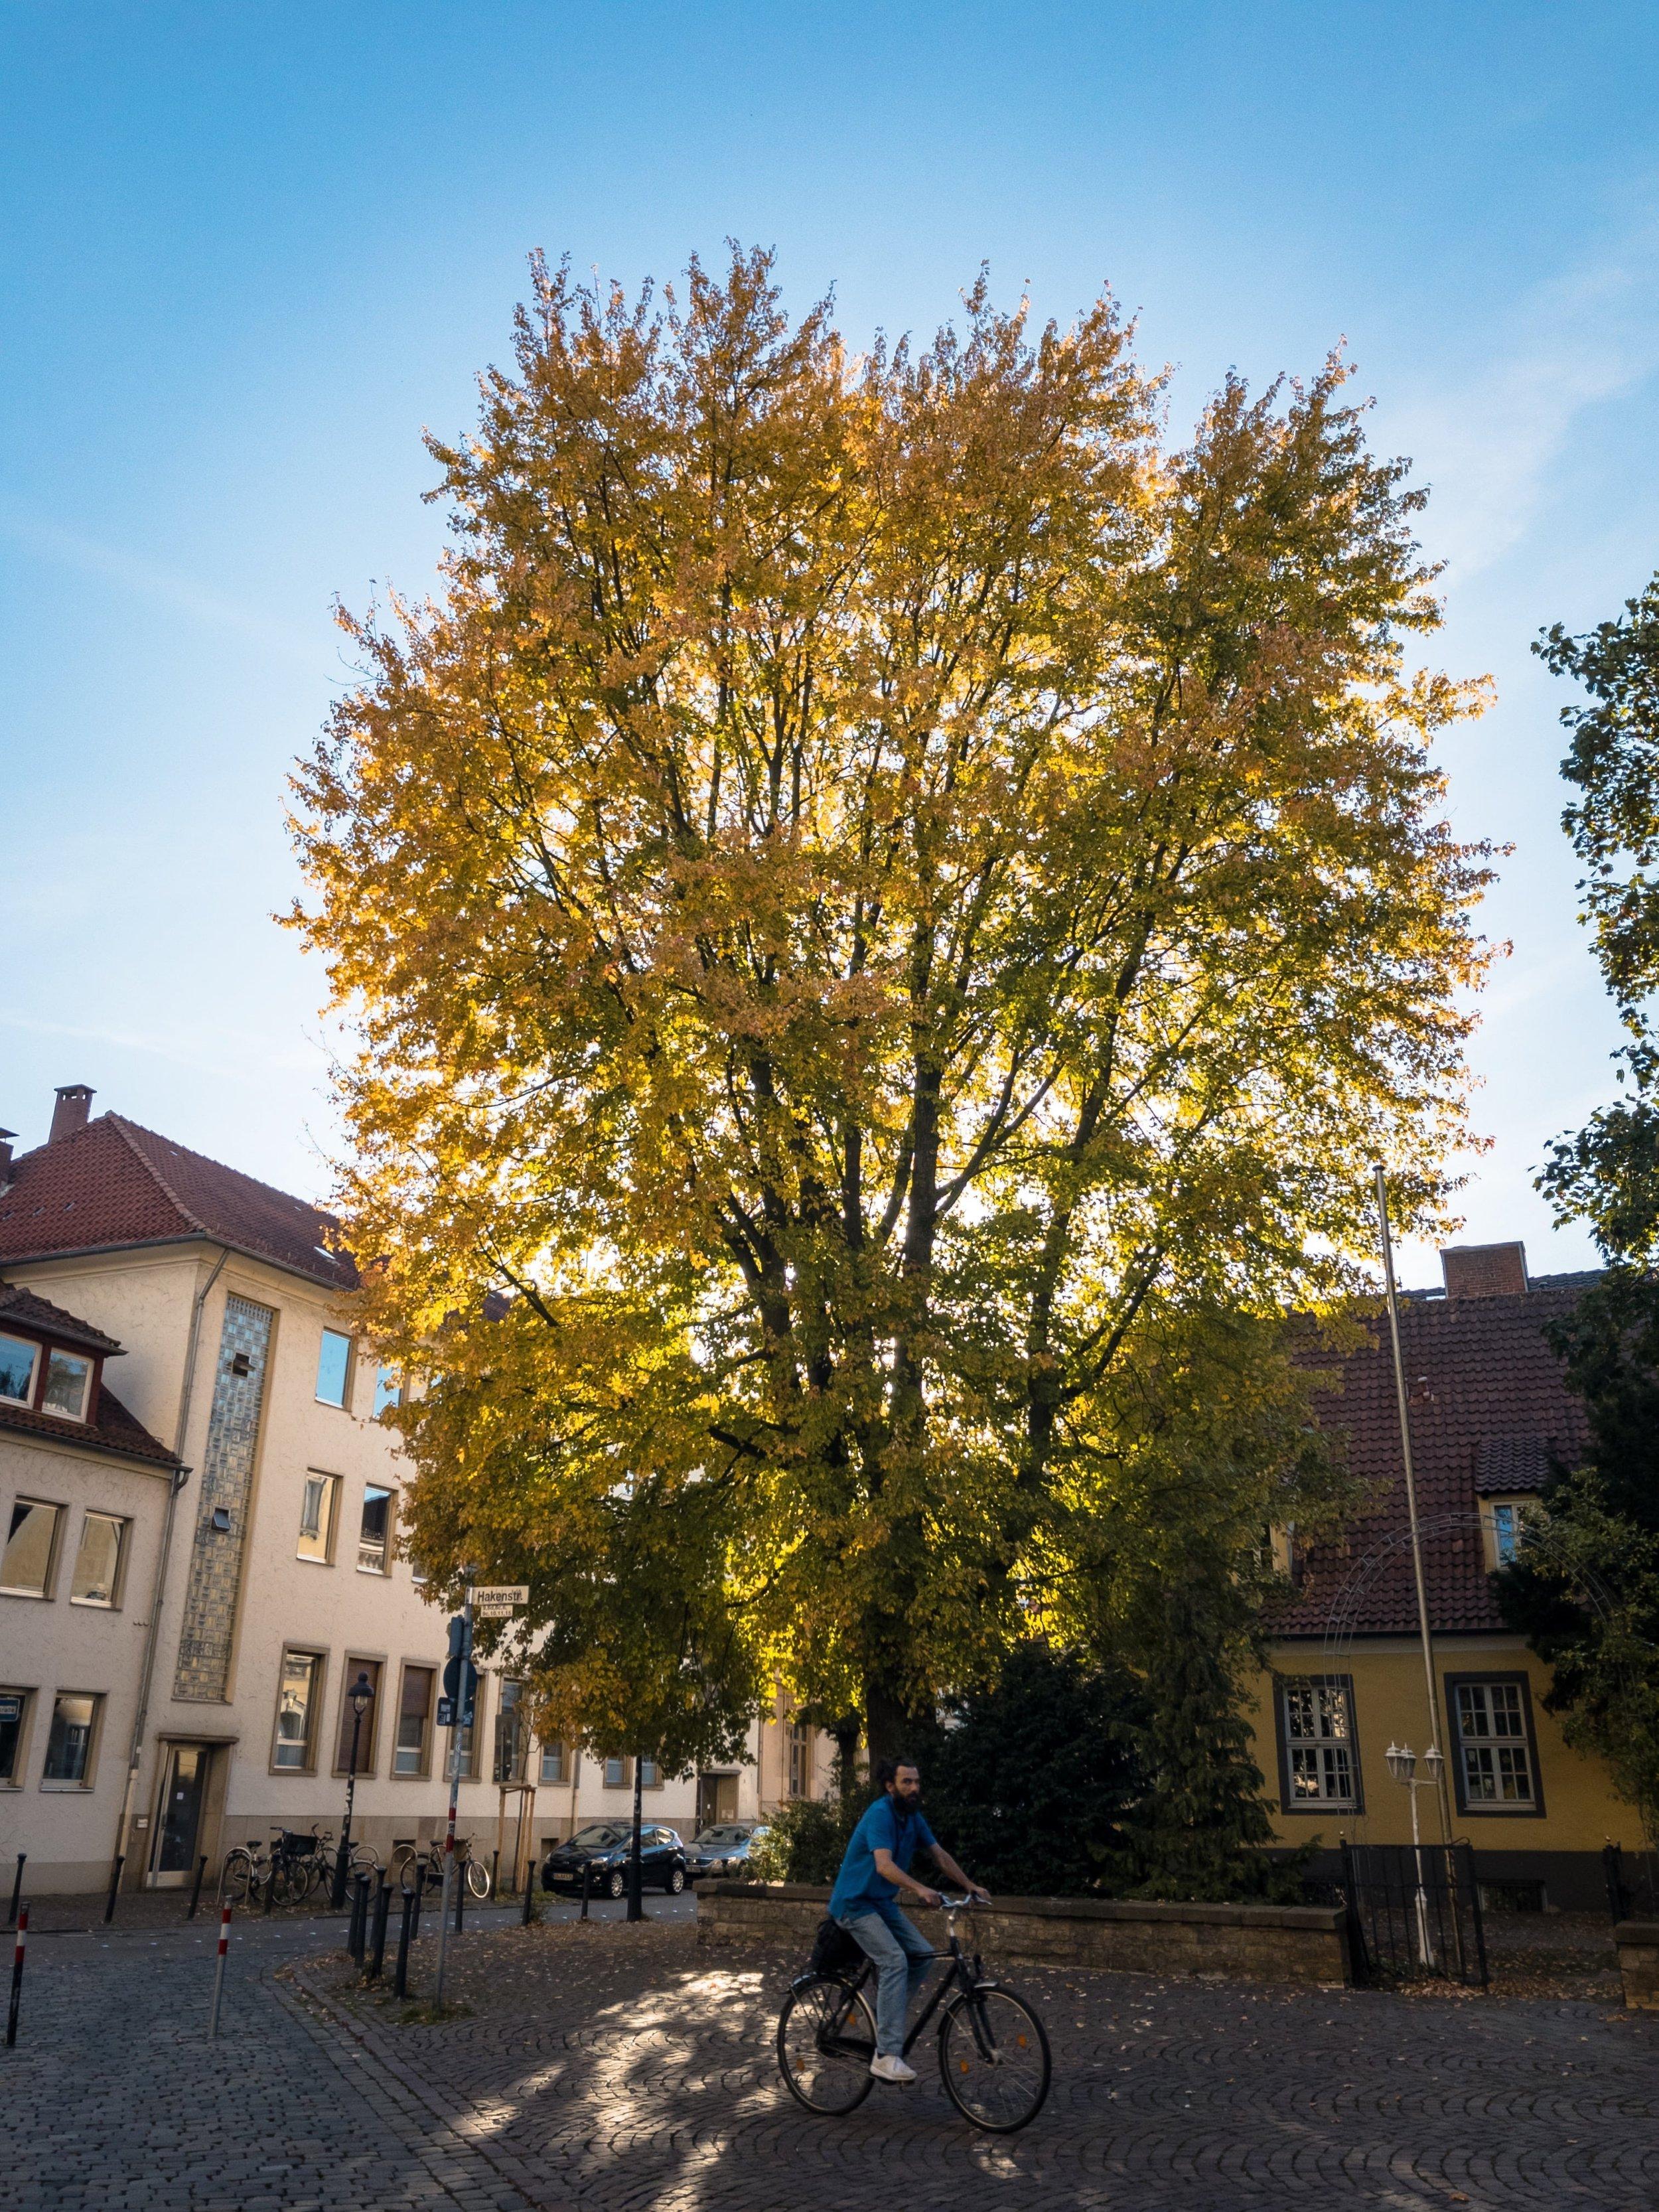 APC_0003-hdr 2 - Herbst ShotoniPhone Autumn Blätter Leaves Sun Sonne Light Threes Licht Bäume Baum Stadt Osnabrück.jpg